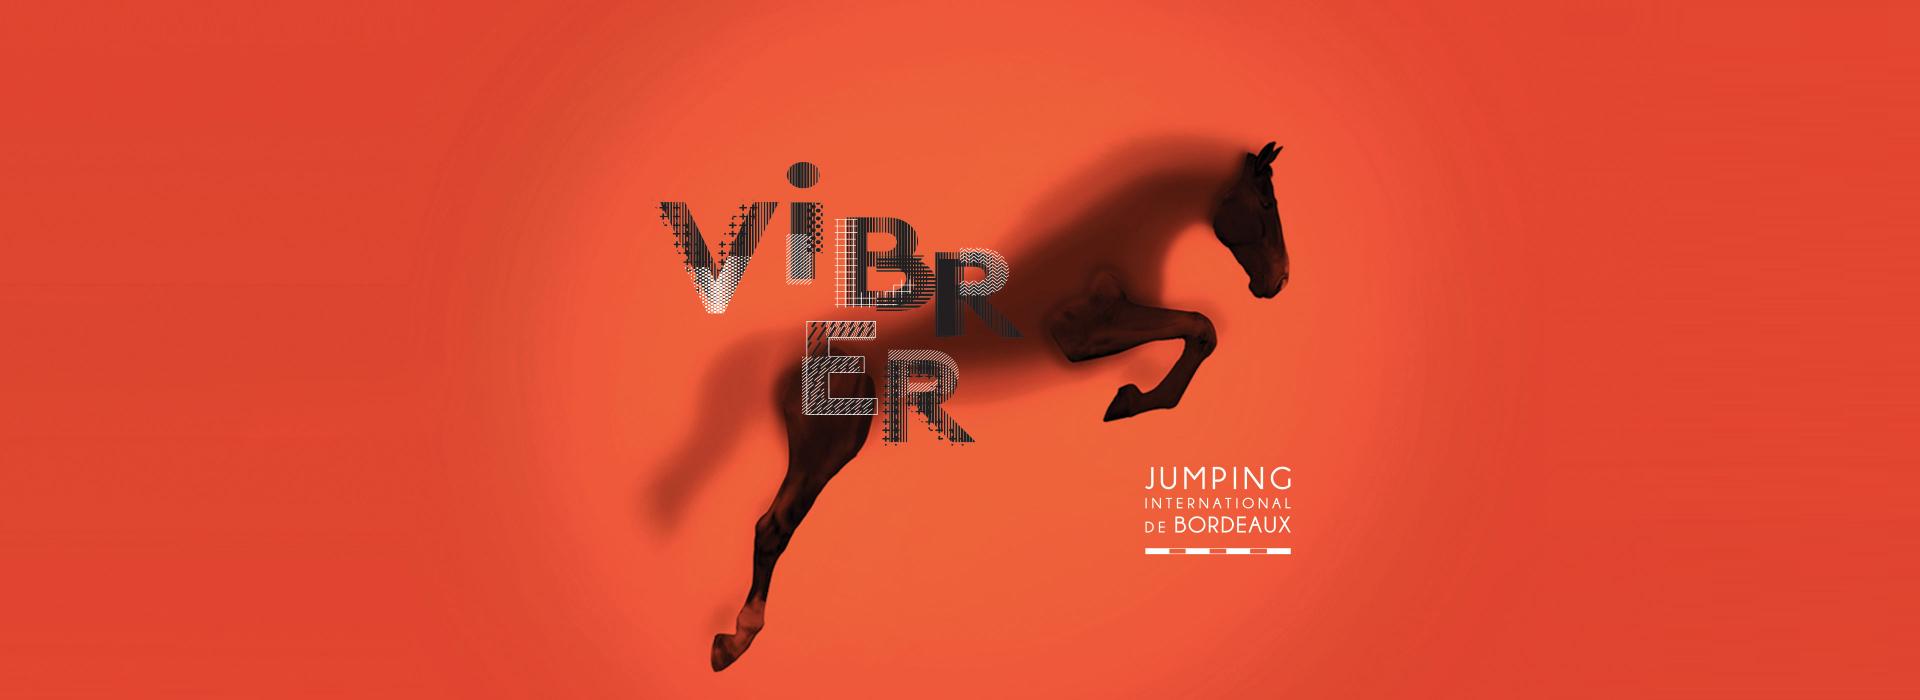 Jumping de Bordeaux 2018